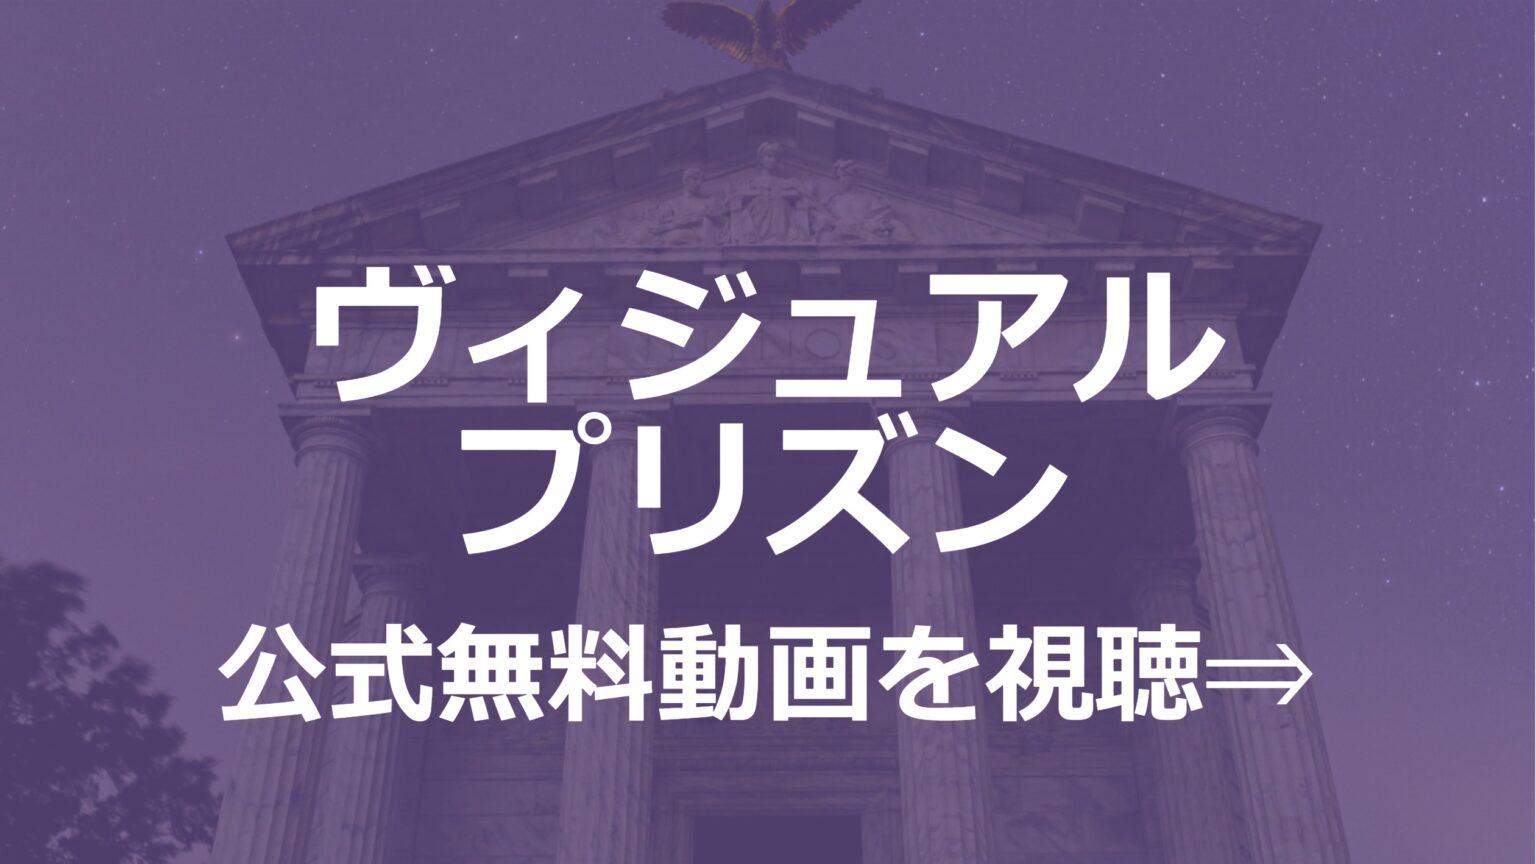 アニメ「ヴィジュアルプリズン」無料フル動画を1話~全話視聴できる公式配信サービスまとめ!